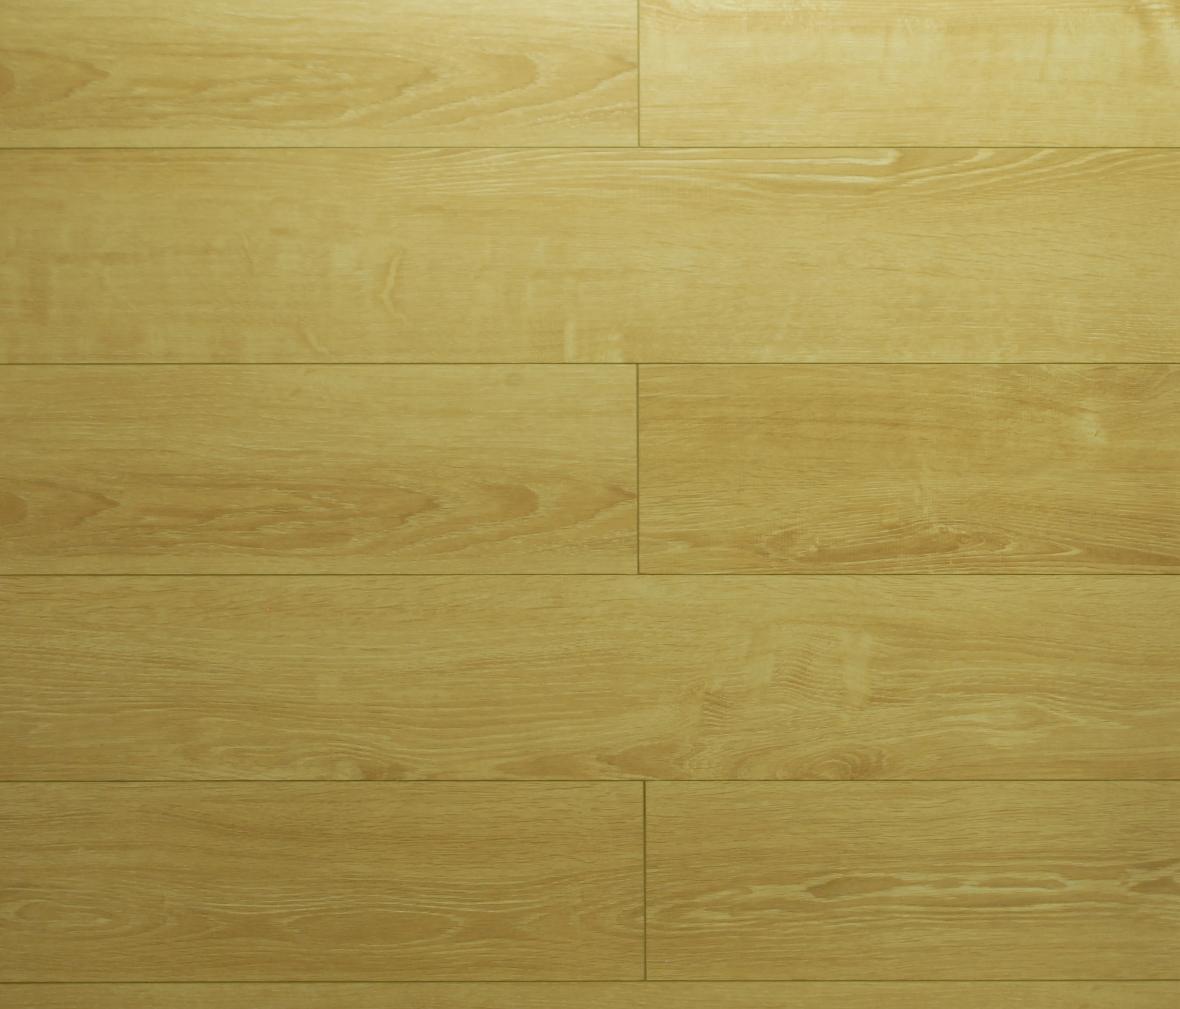 圣象地板 爱尔兰风铃 PB7513型号 强化复合地板 大亚板材 适于地暖